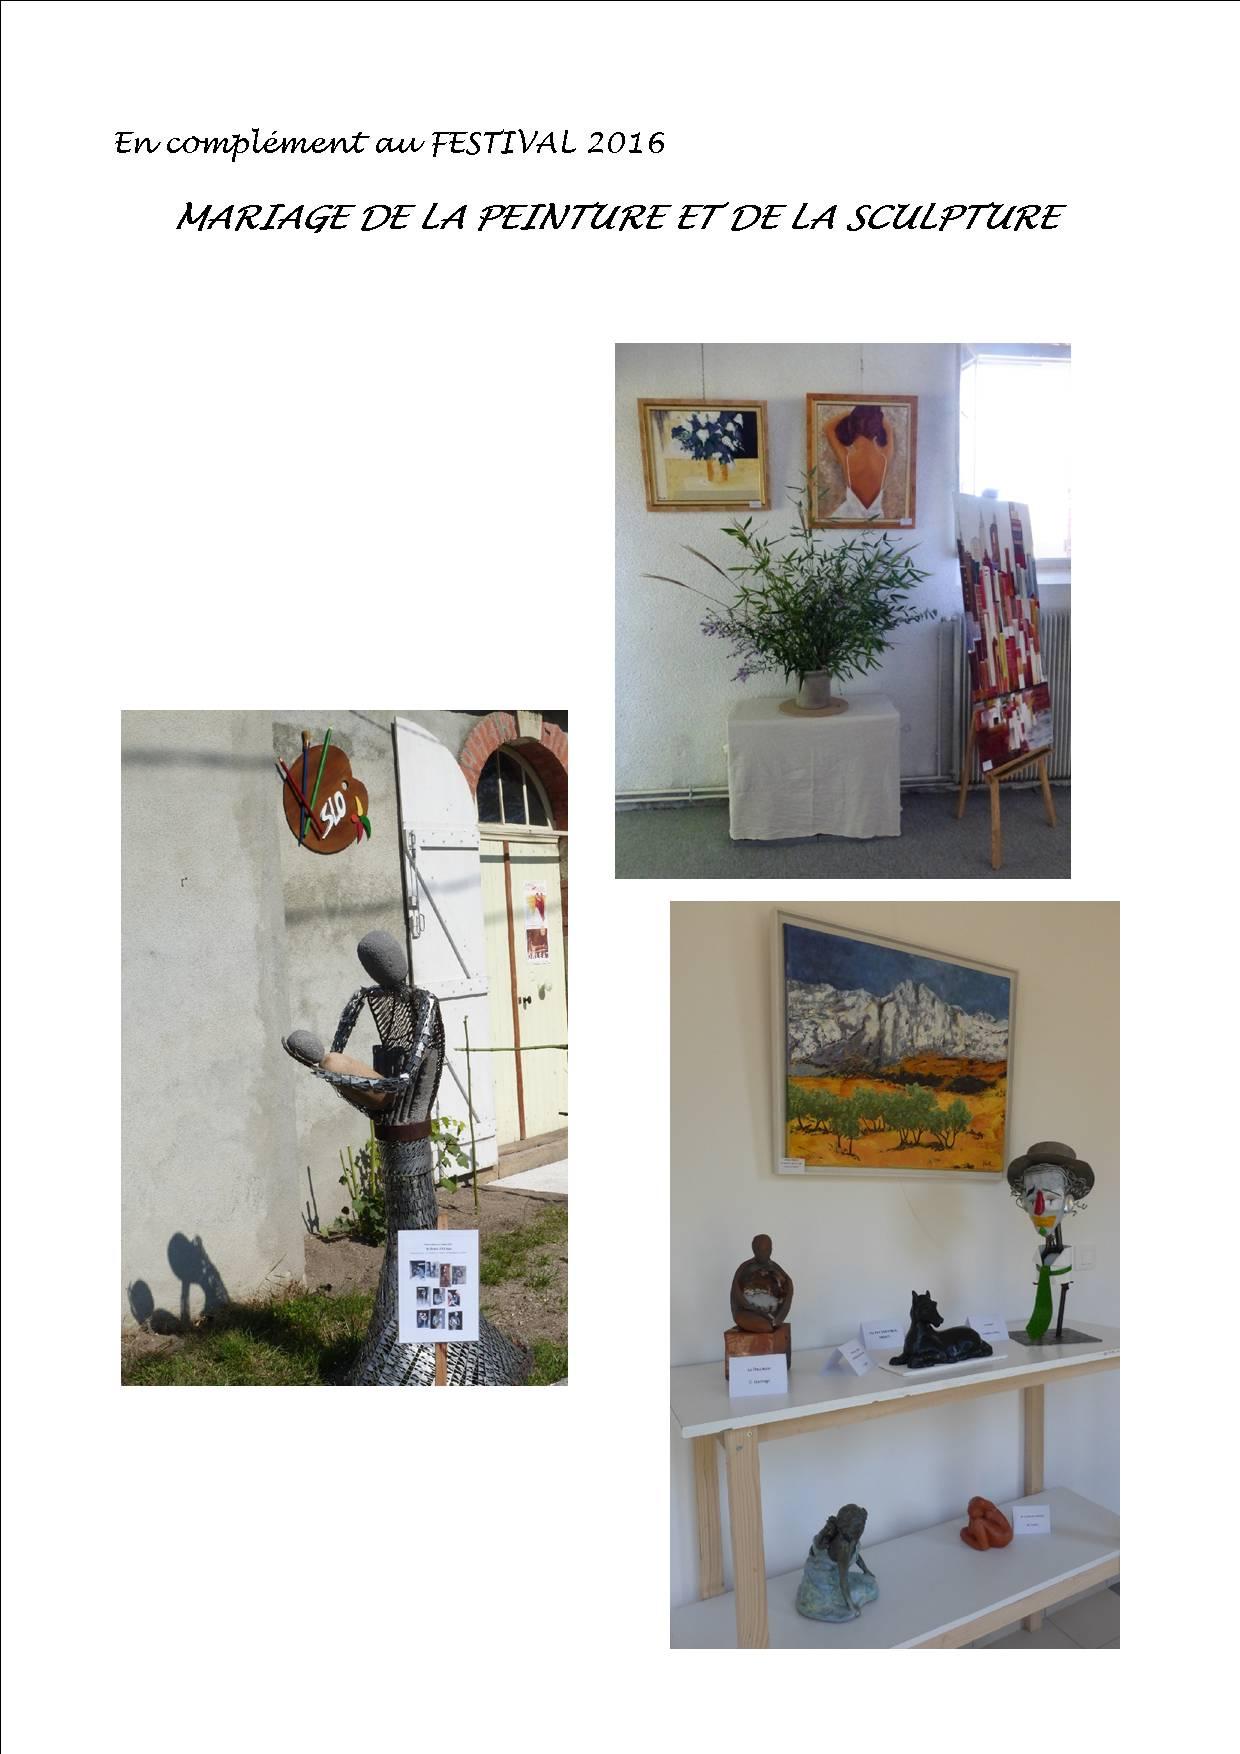 mariage de la peinture et de la sculpture 1